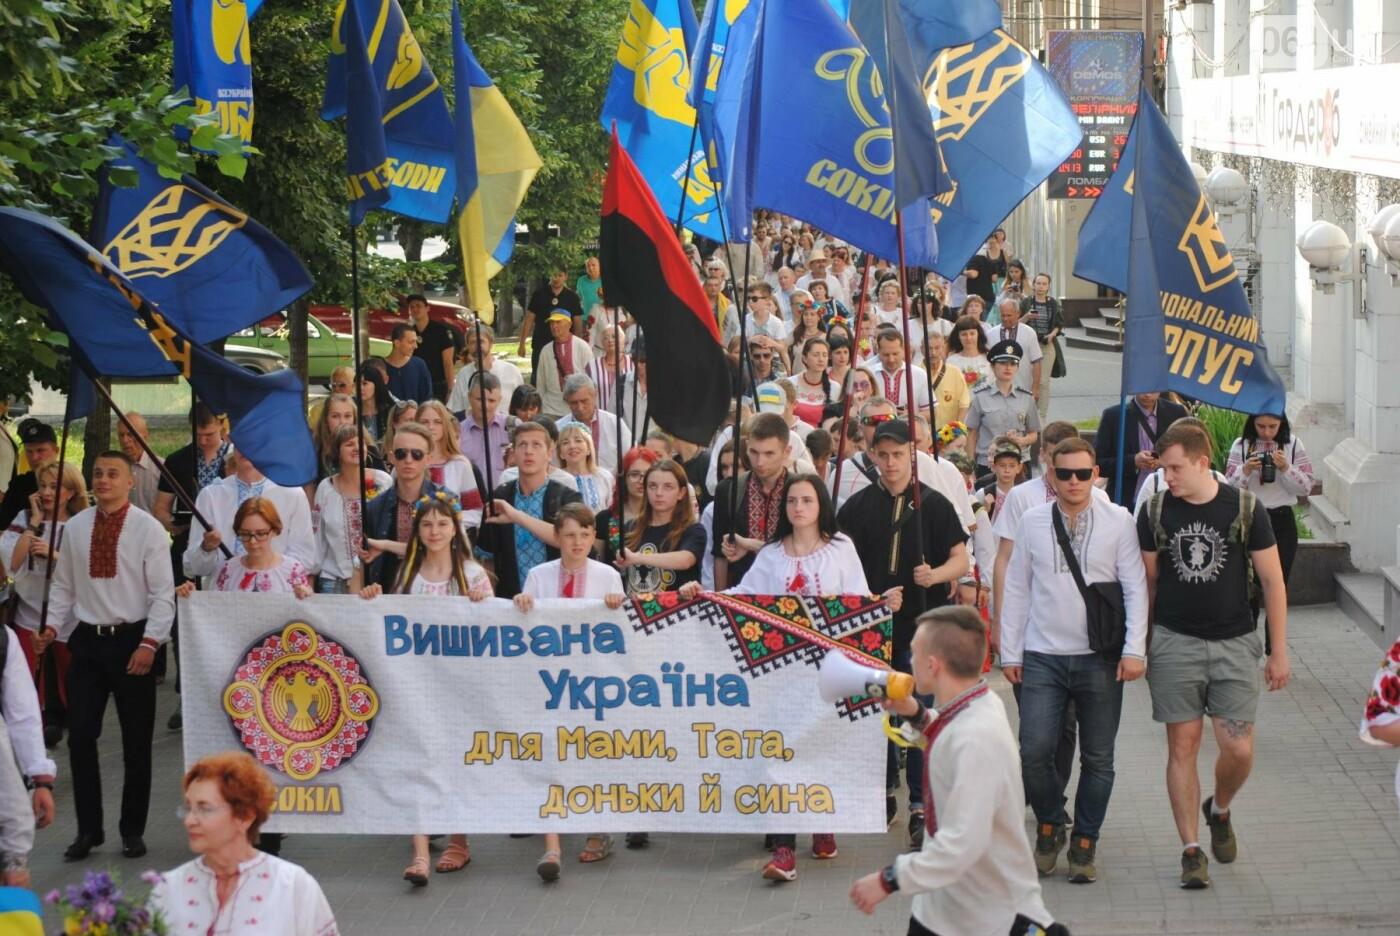 Несколько сотен запорожцев приняли участие в Марше вышиванок, - ФОТОРЕПОРТАЖ, фото-8